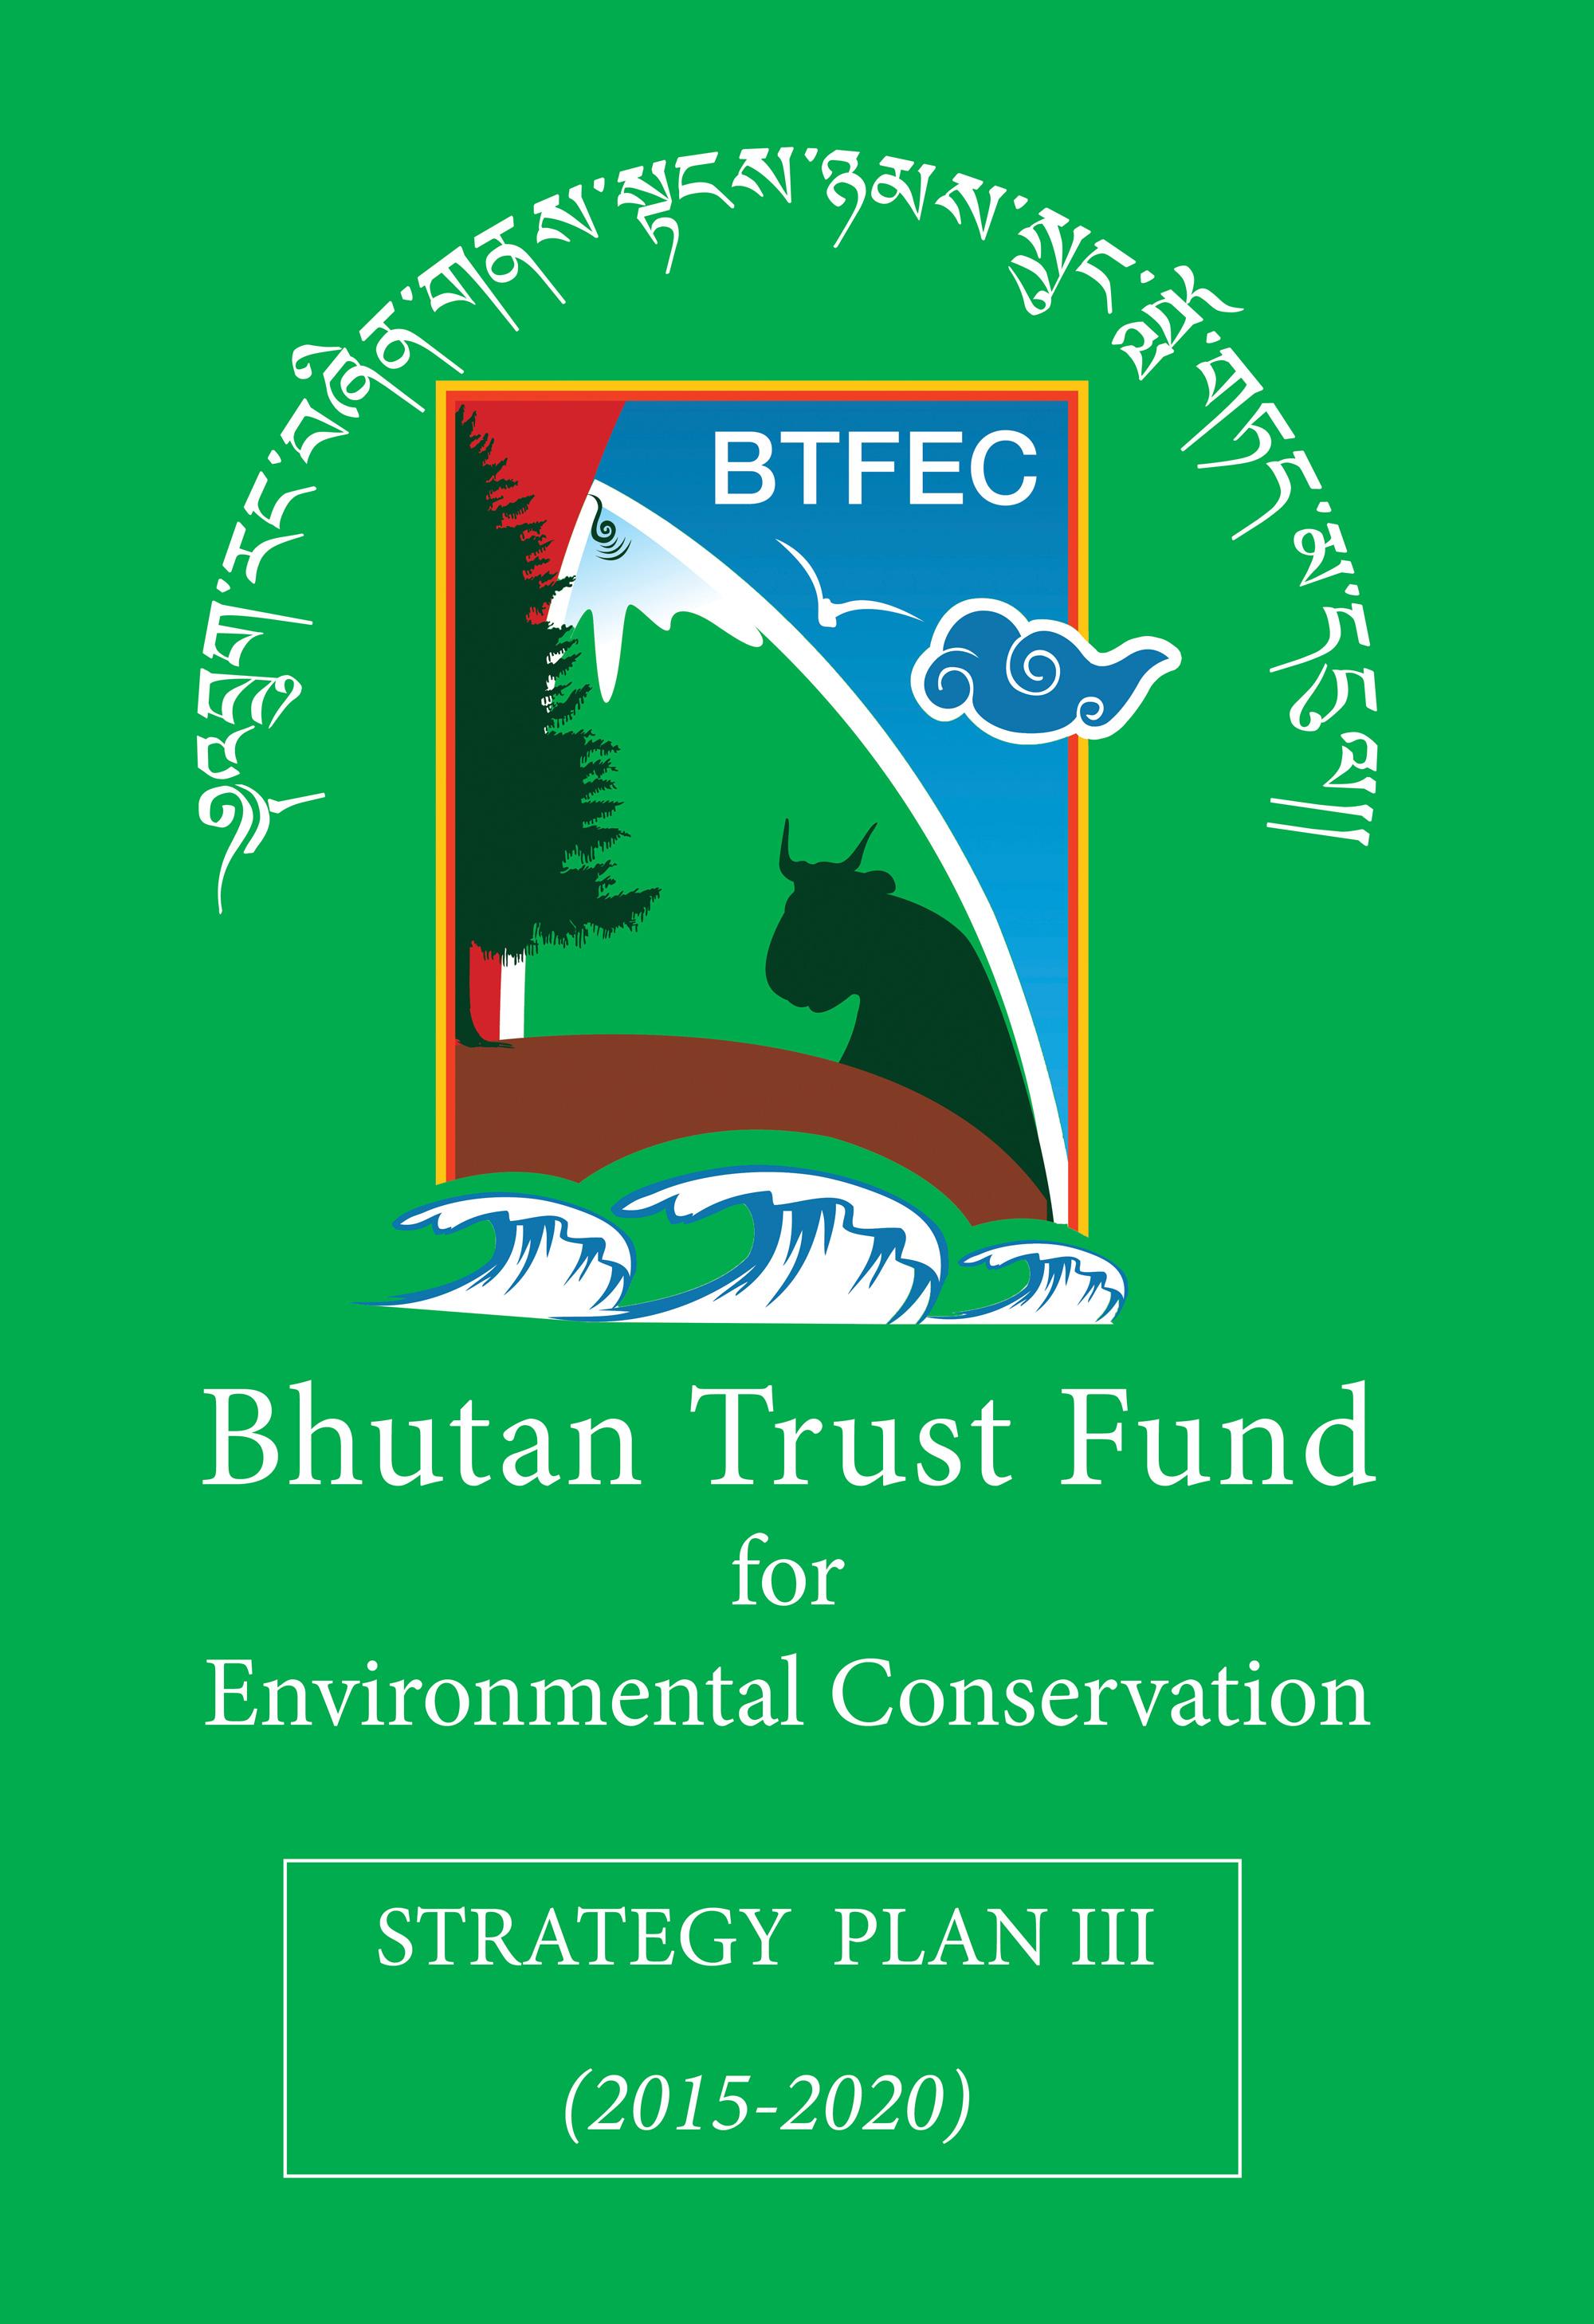 BTF Stragegy Plan III - Bhutan Trust Fund